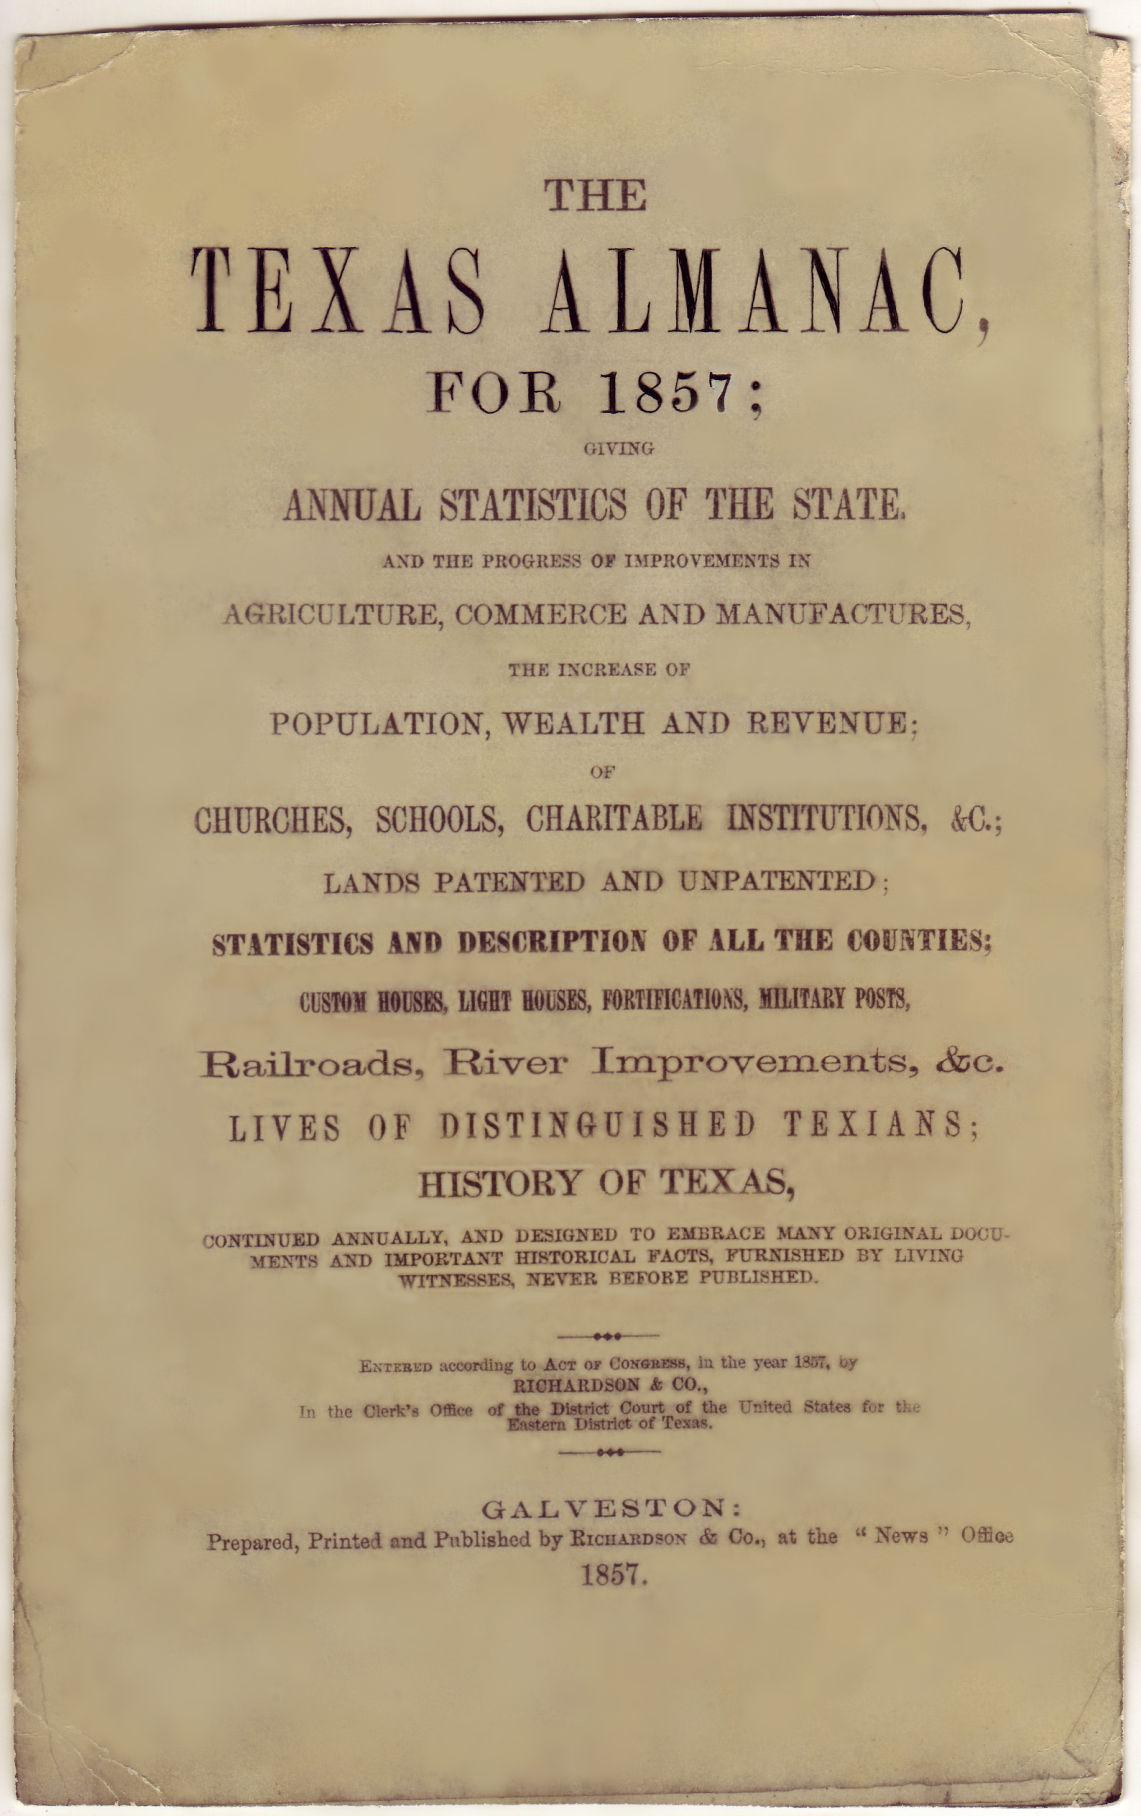 Texas Almanac 1857